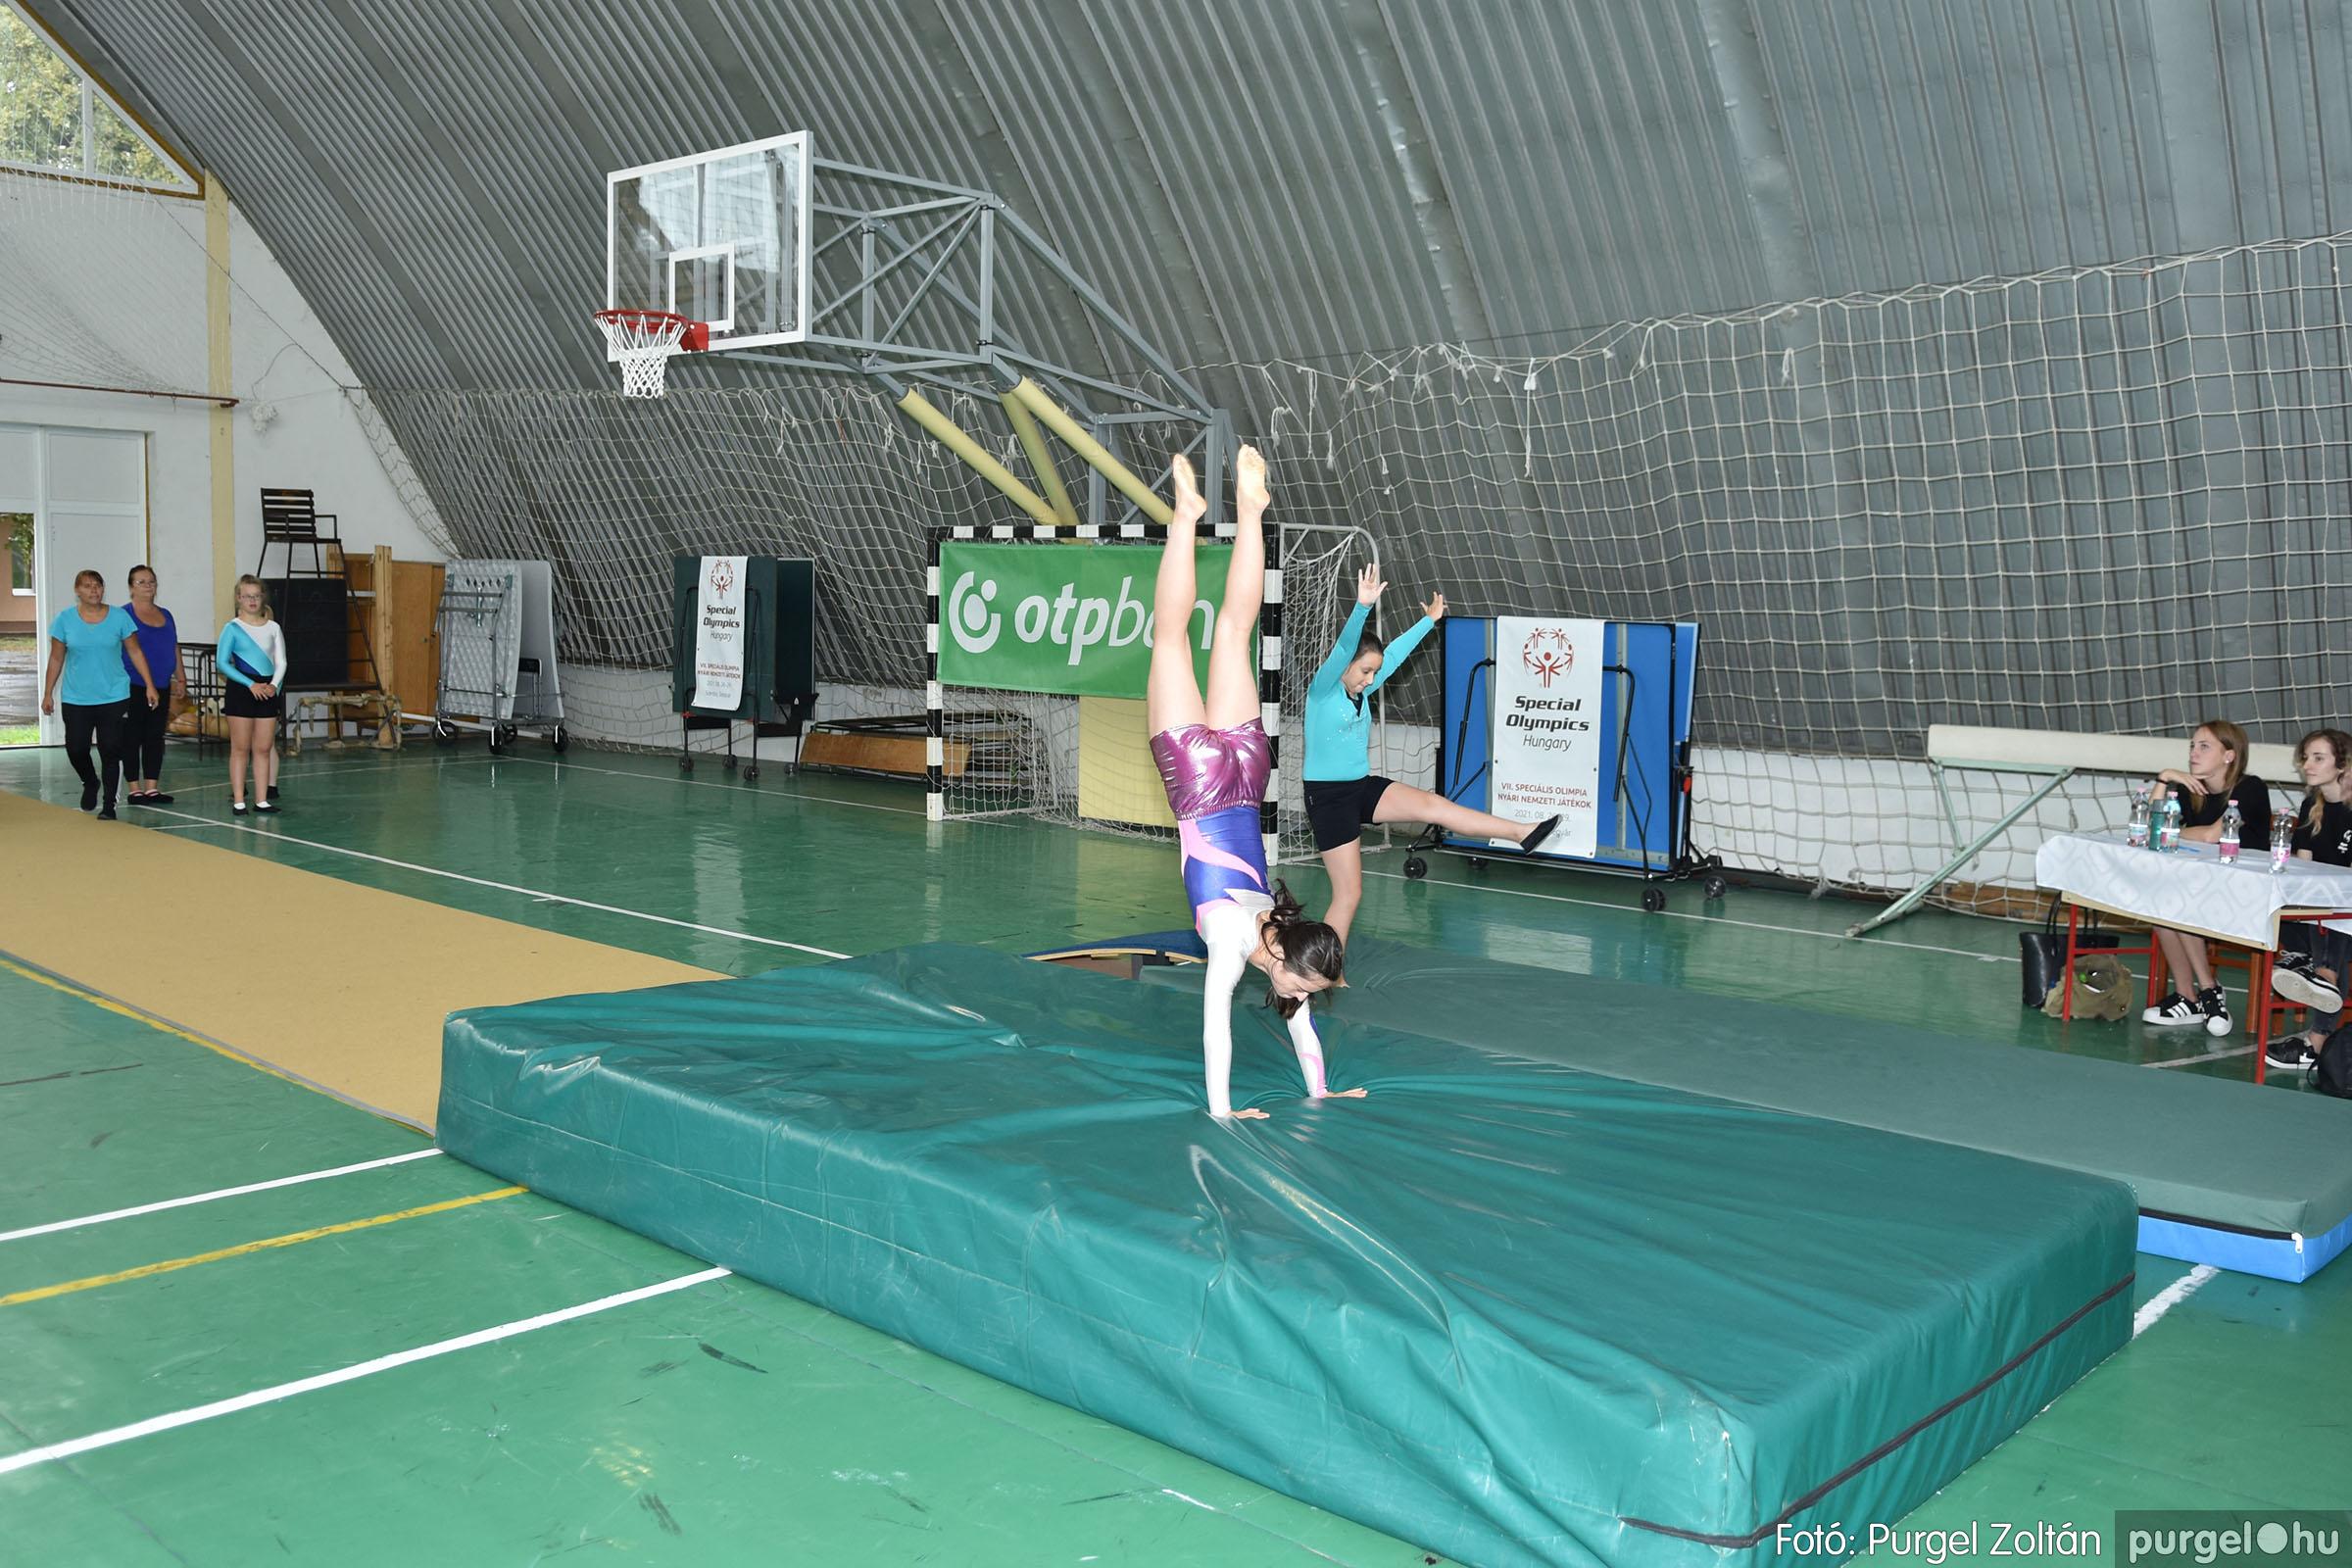 2021.08.27. 020 VII. Speciális Olimpia Nyári Nemzeti Játékok szegvári megnyitója.jpg